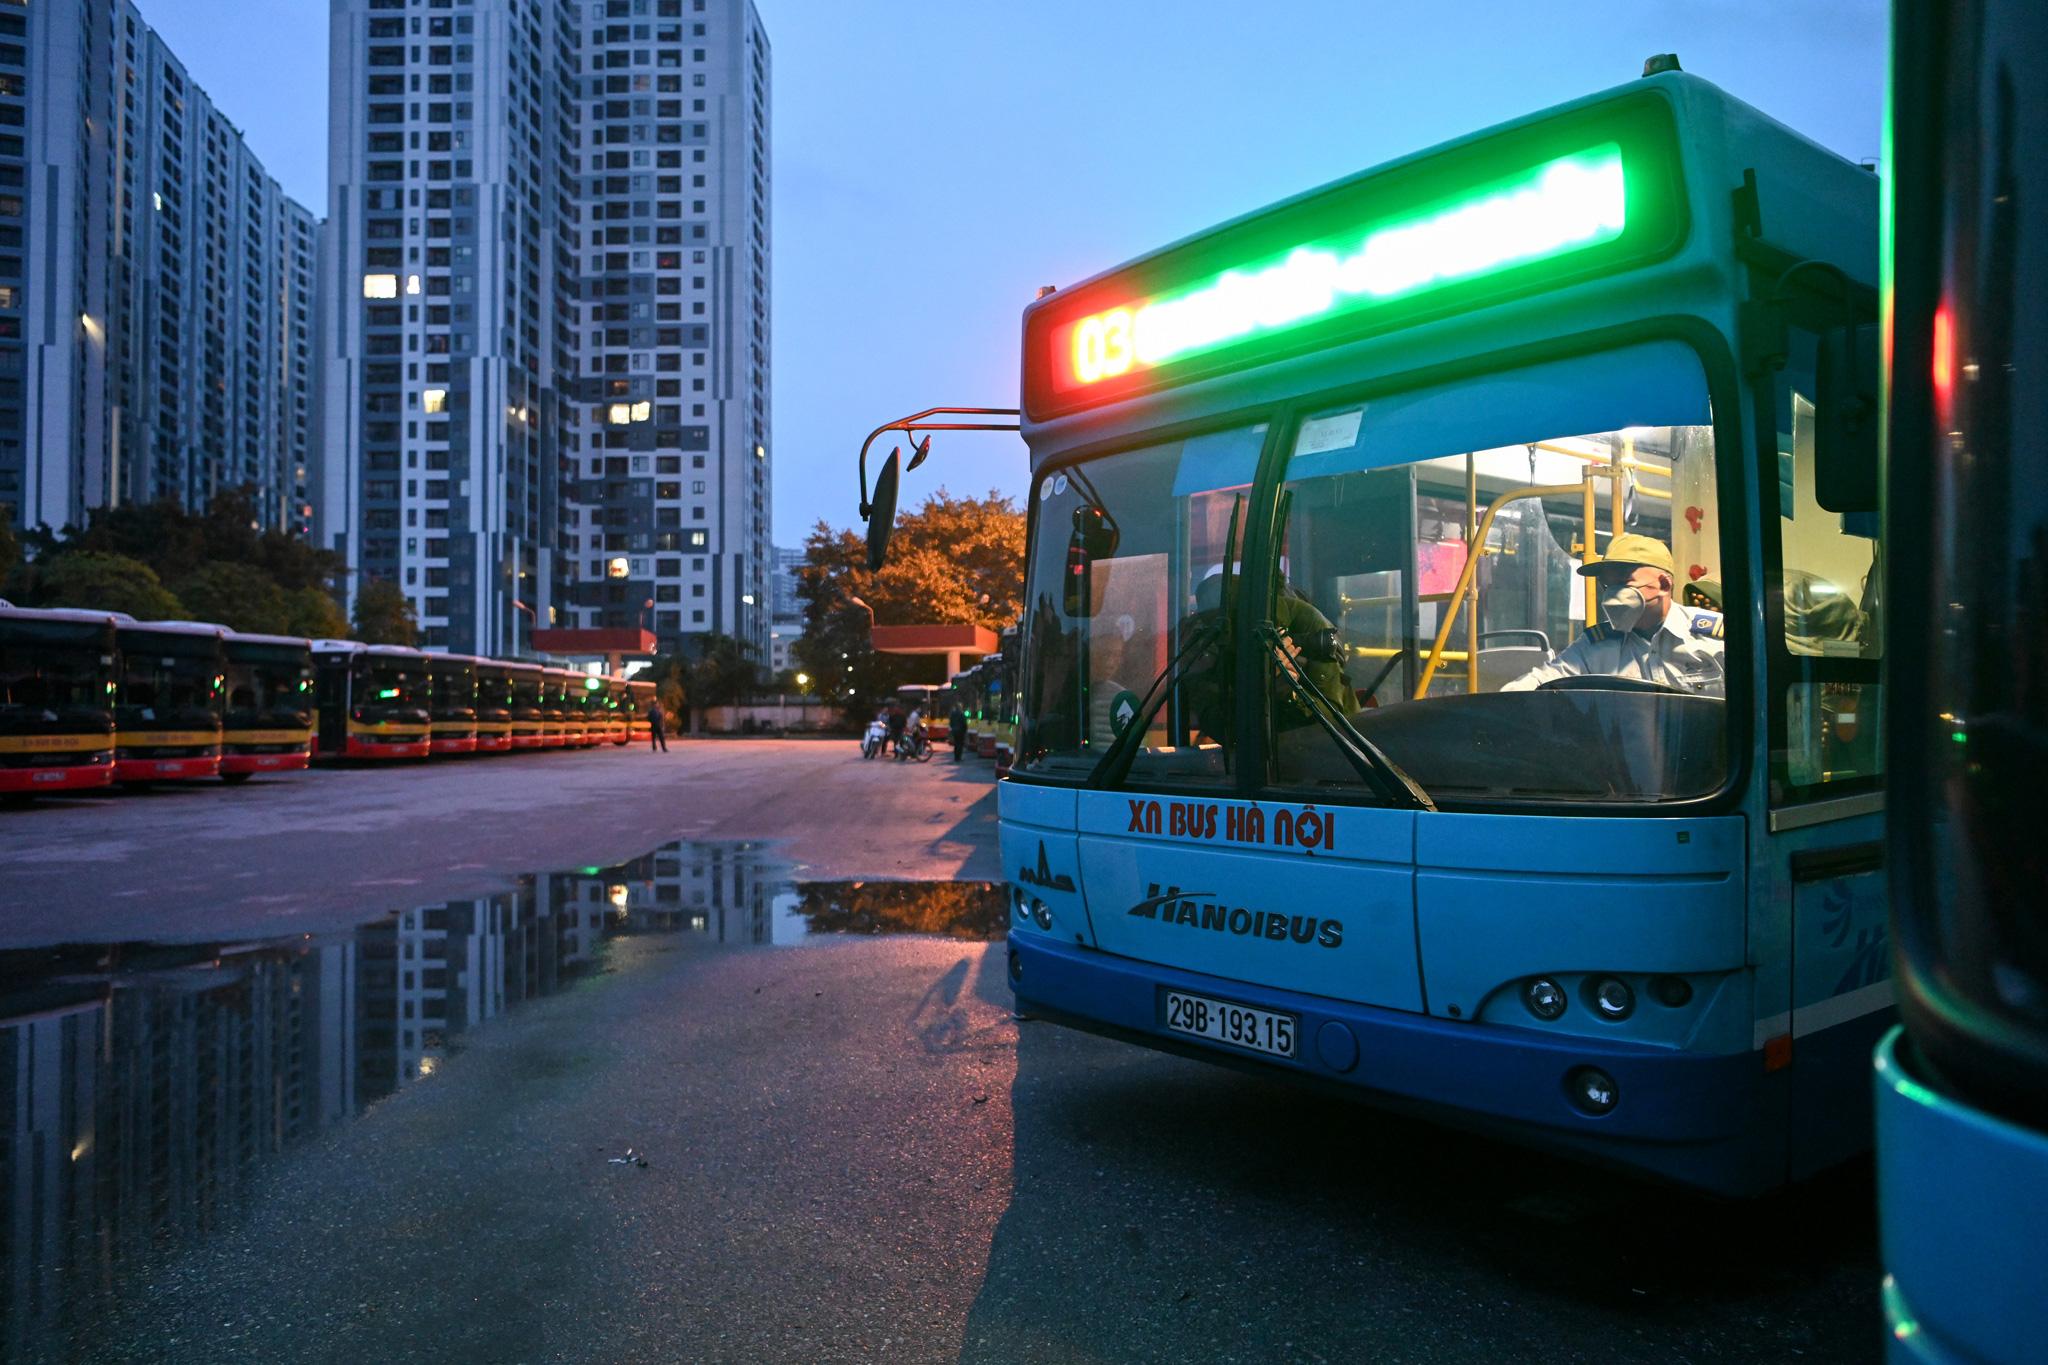 [ẢNH] Vẻ đẹp của gần 200 xe buýt tập kết về bến xếp hàng trong đêm - Ảnh 3.